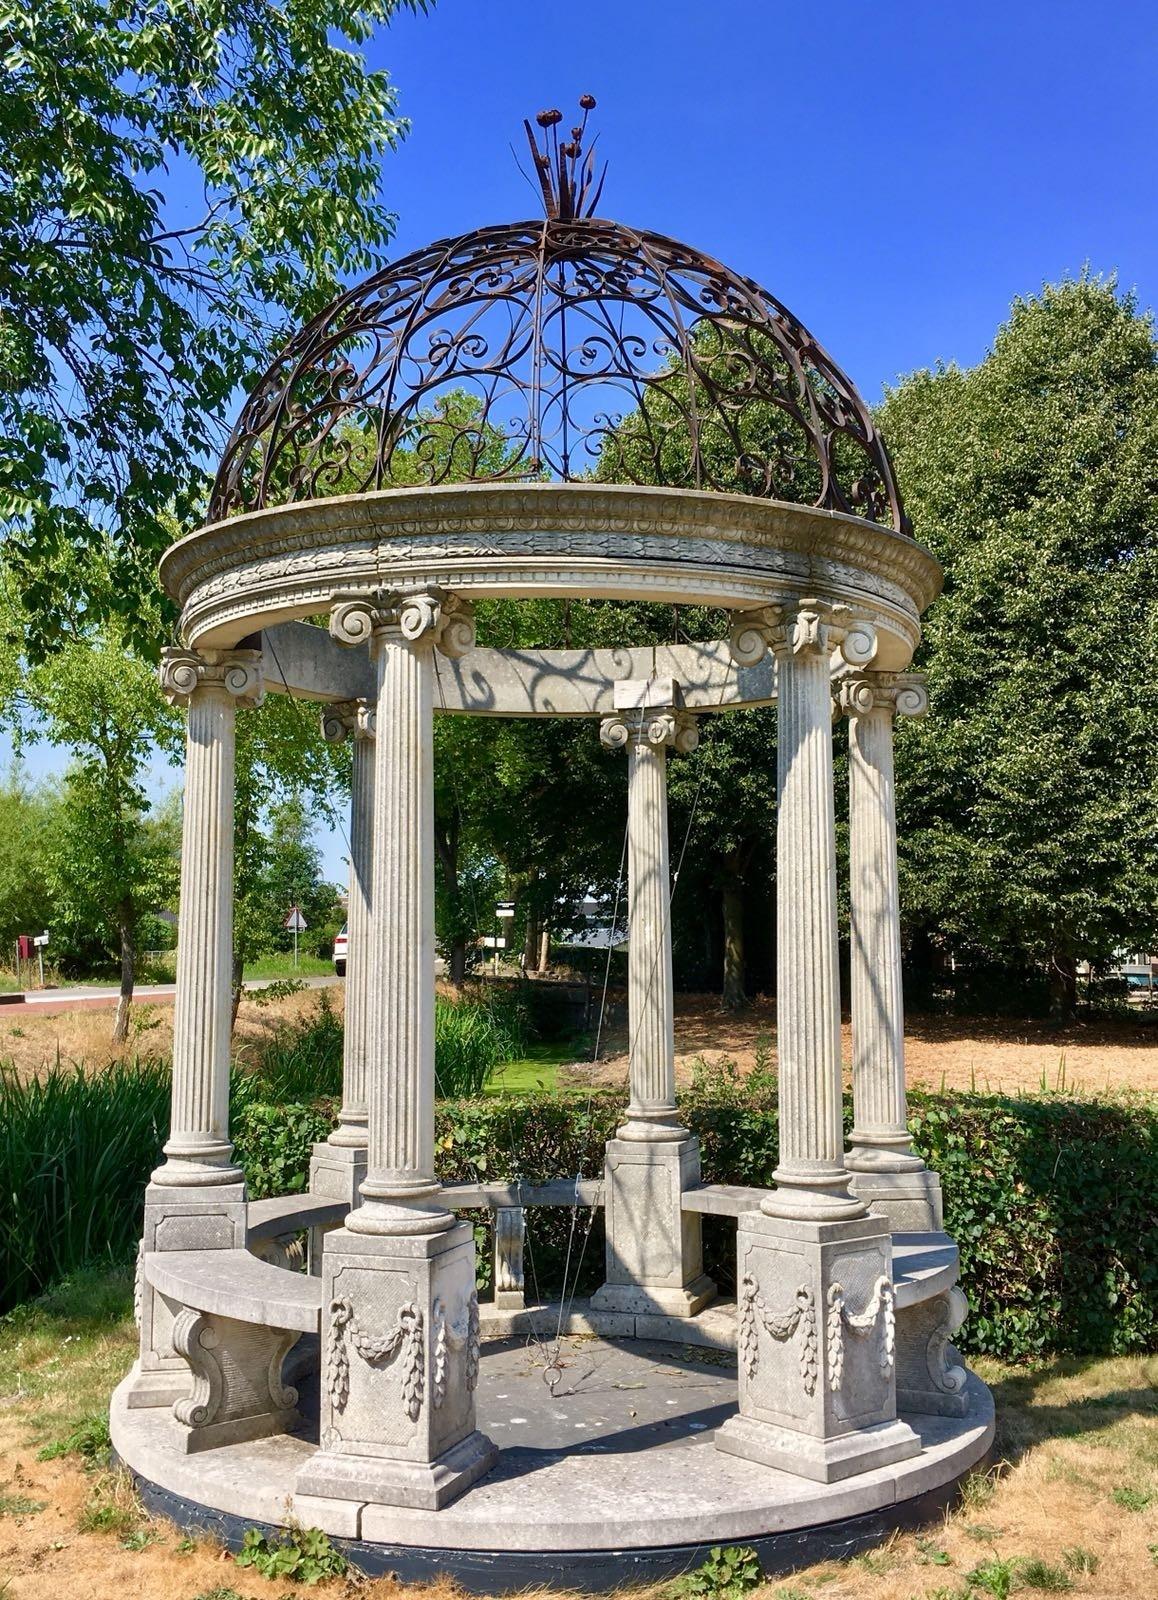 Hand vervaardigde rotonda in klassieke stijl met een smeedijzeren dak